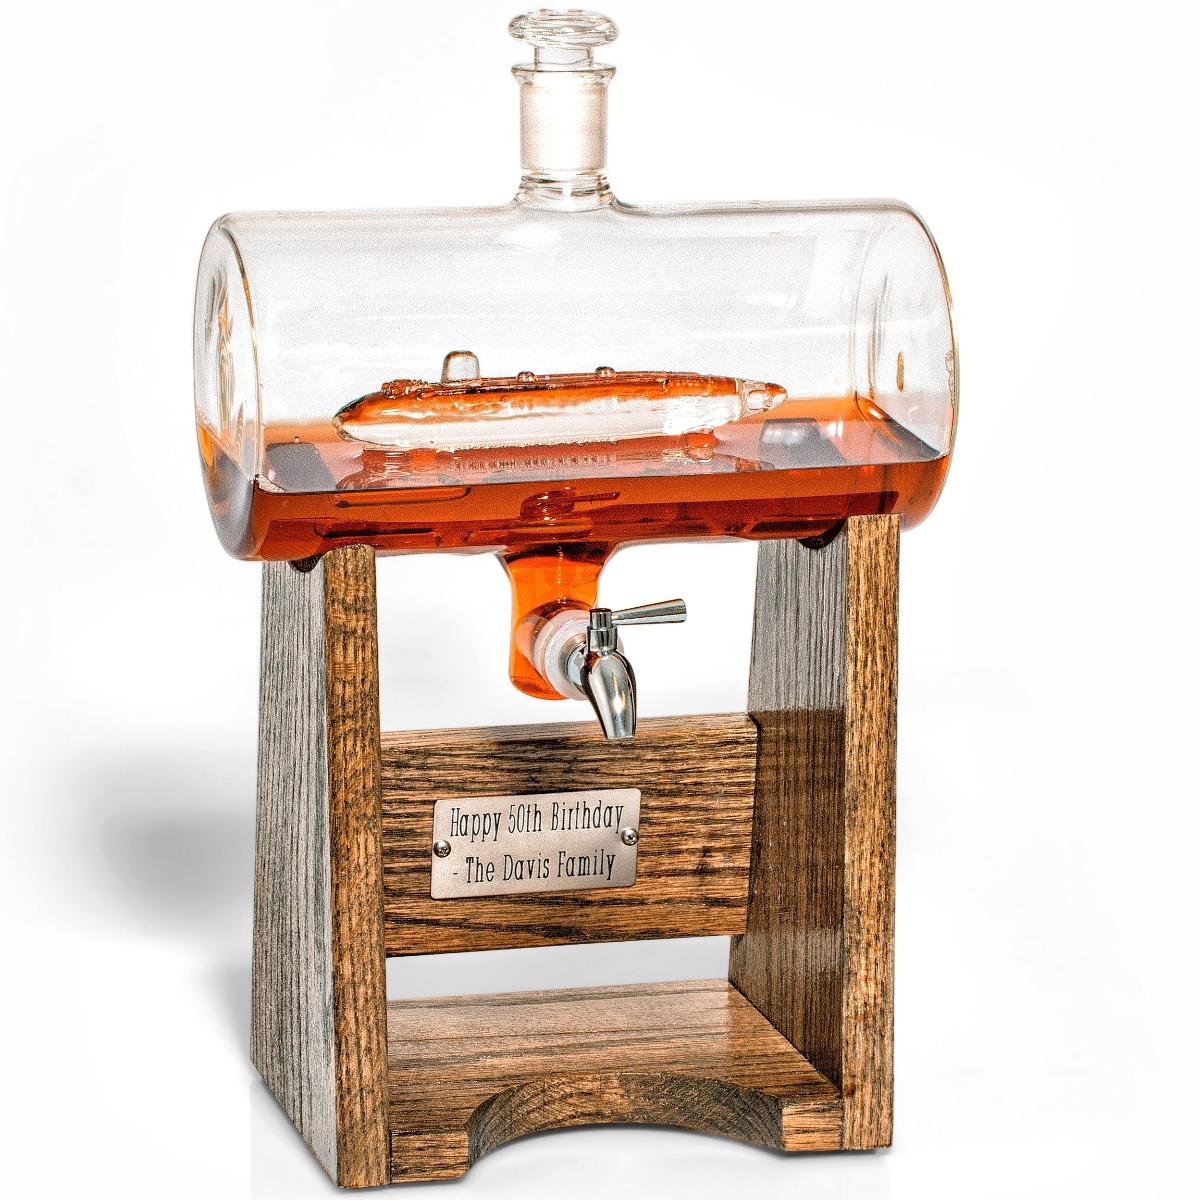 Submarine Decanter - Engraved 1150 ml glass liquor/wine decanter with submarine inside